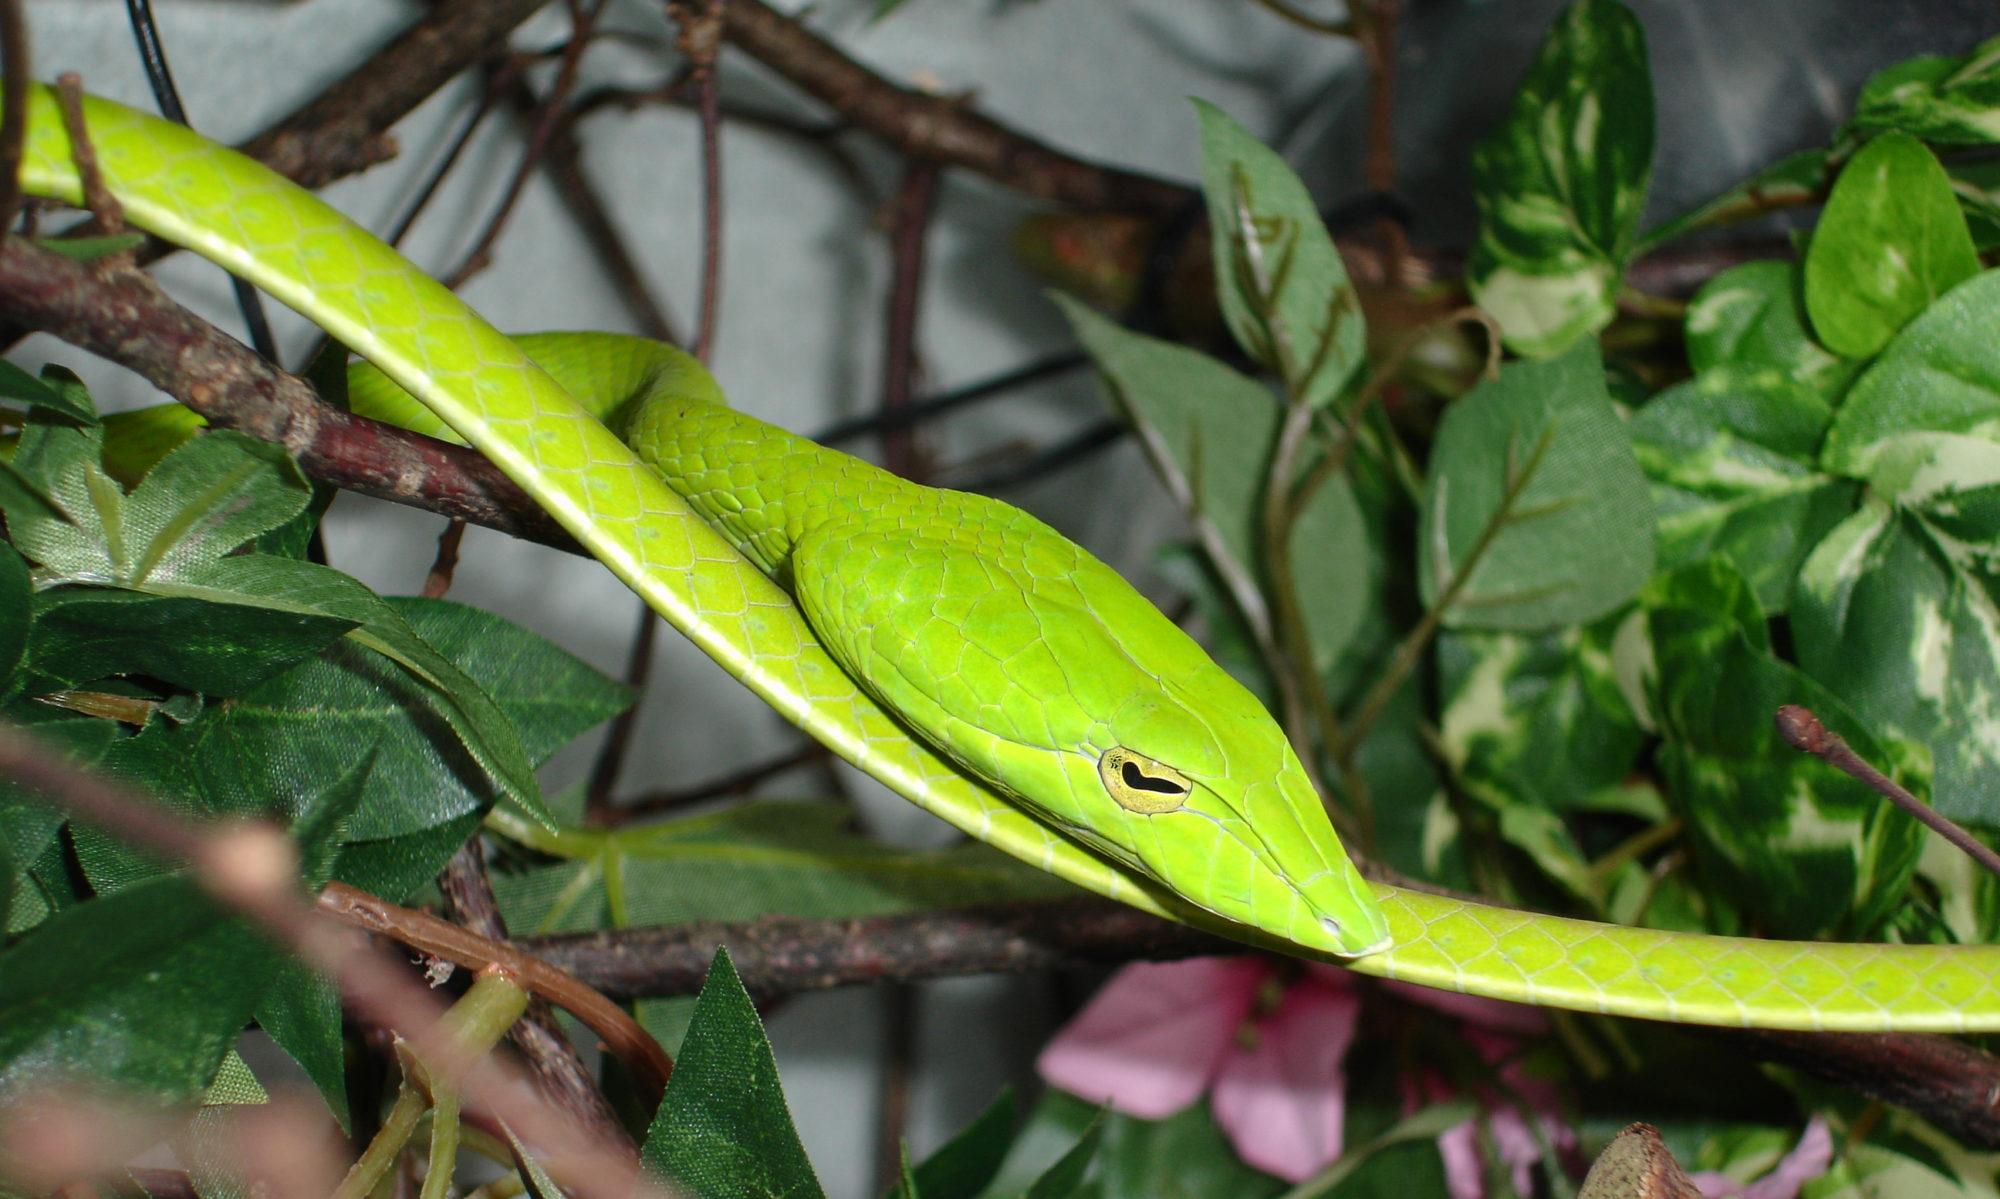 c-ro reptiles